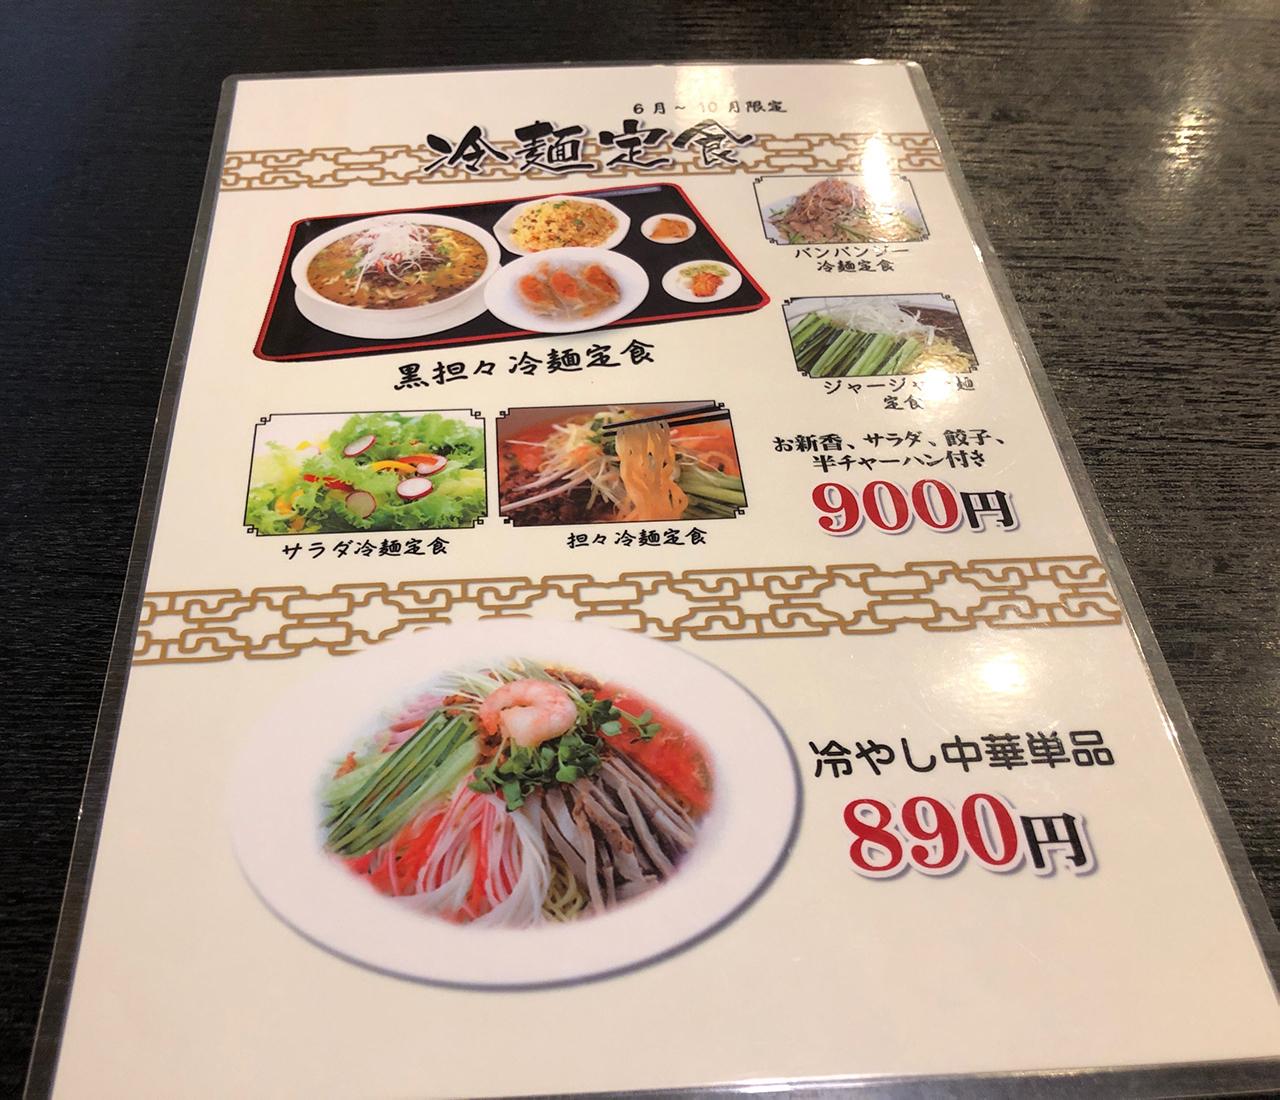 冷麺定食のメニュー表